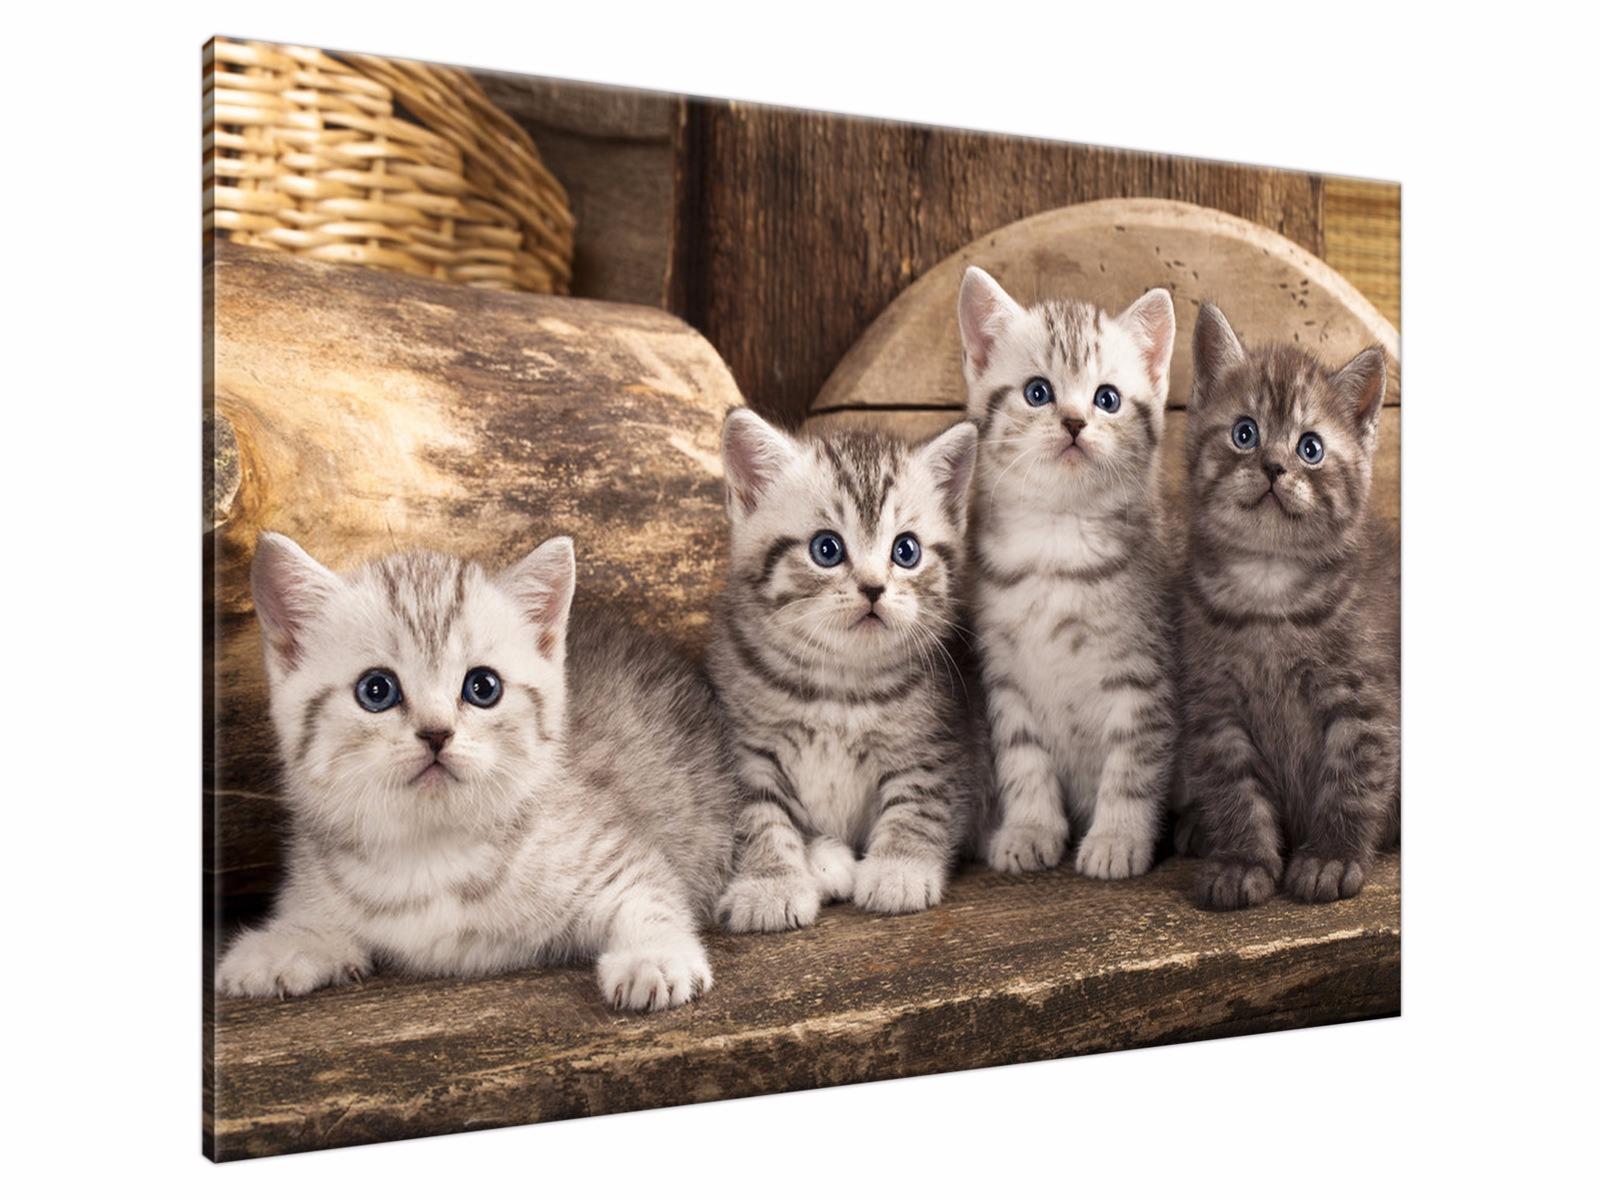 Obraz Kot Koty 100x70 Obrazy Do Pokoju Dziecięcego 6639181921